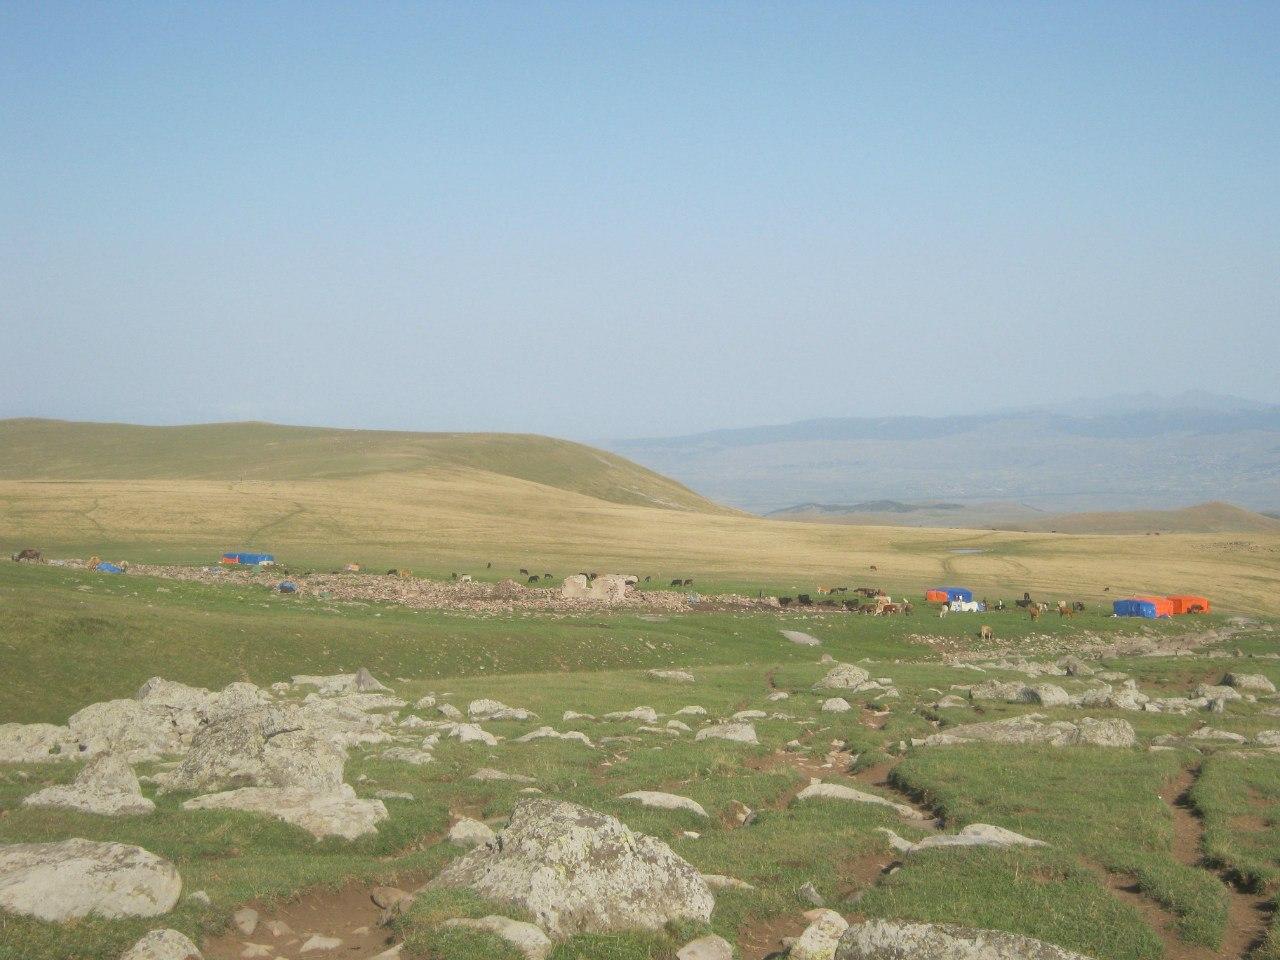 Групповая стоянка азербайджанских пастухов в горах Грузии